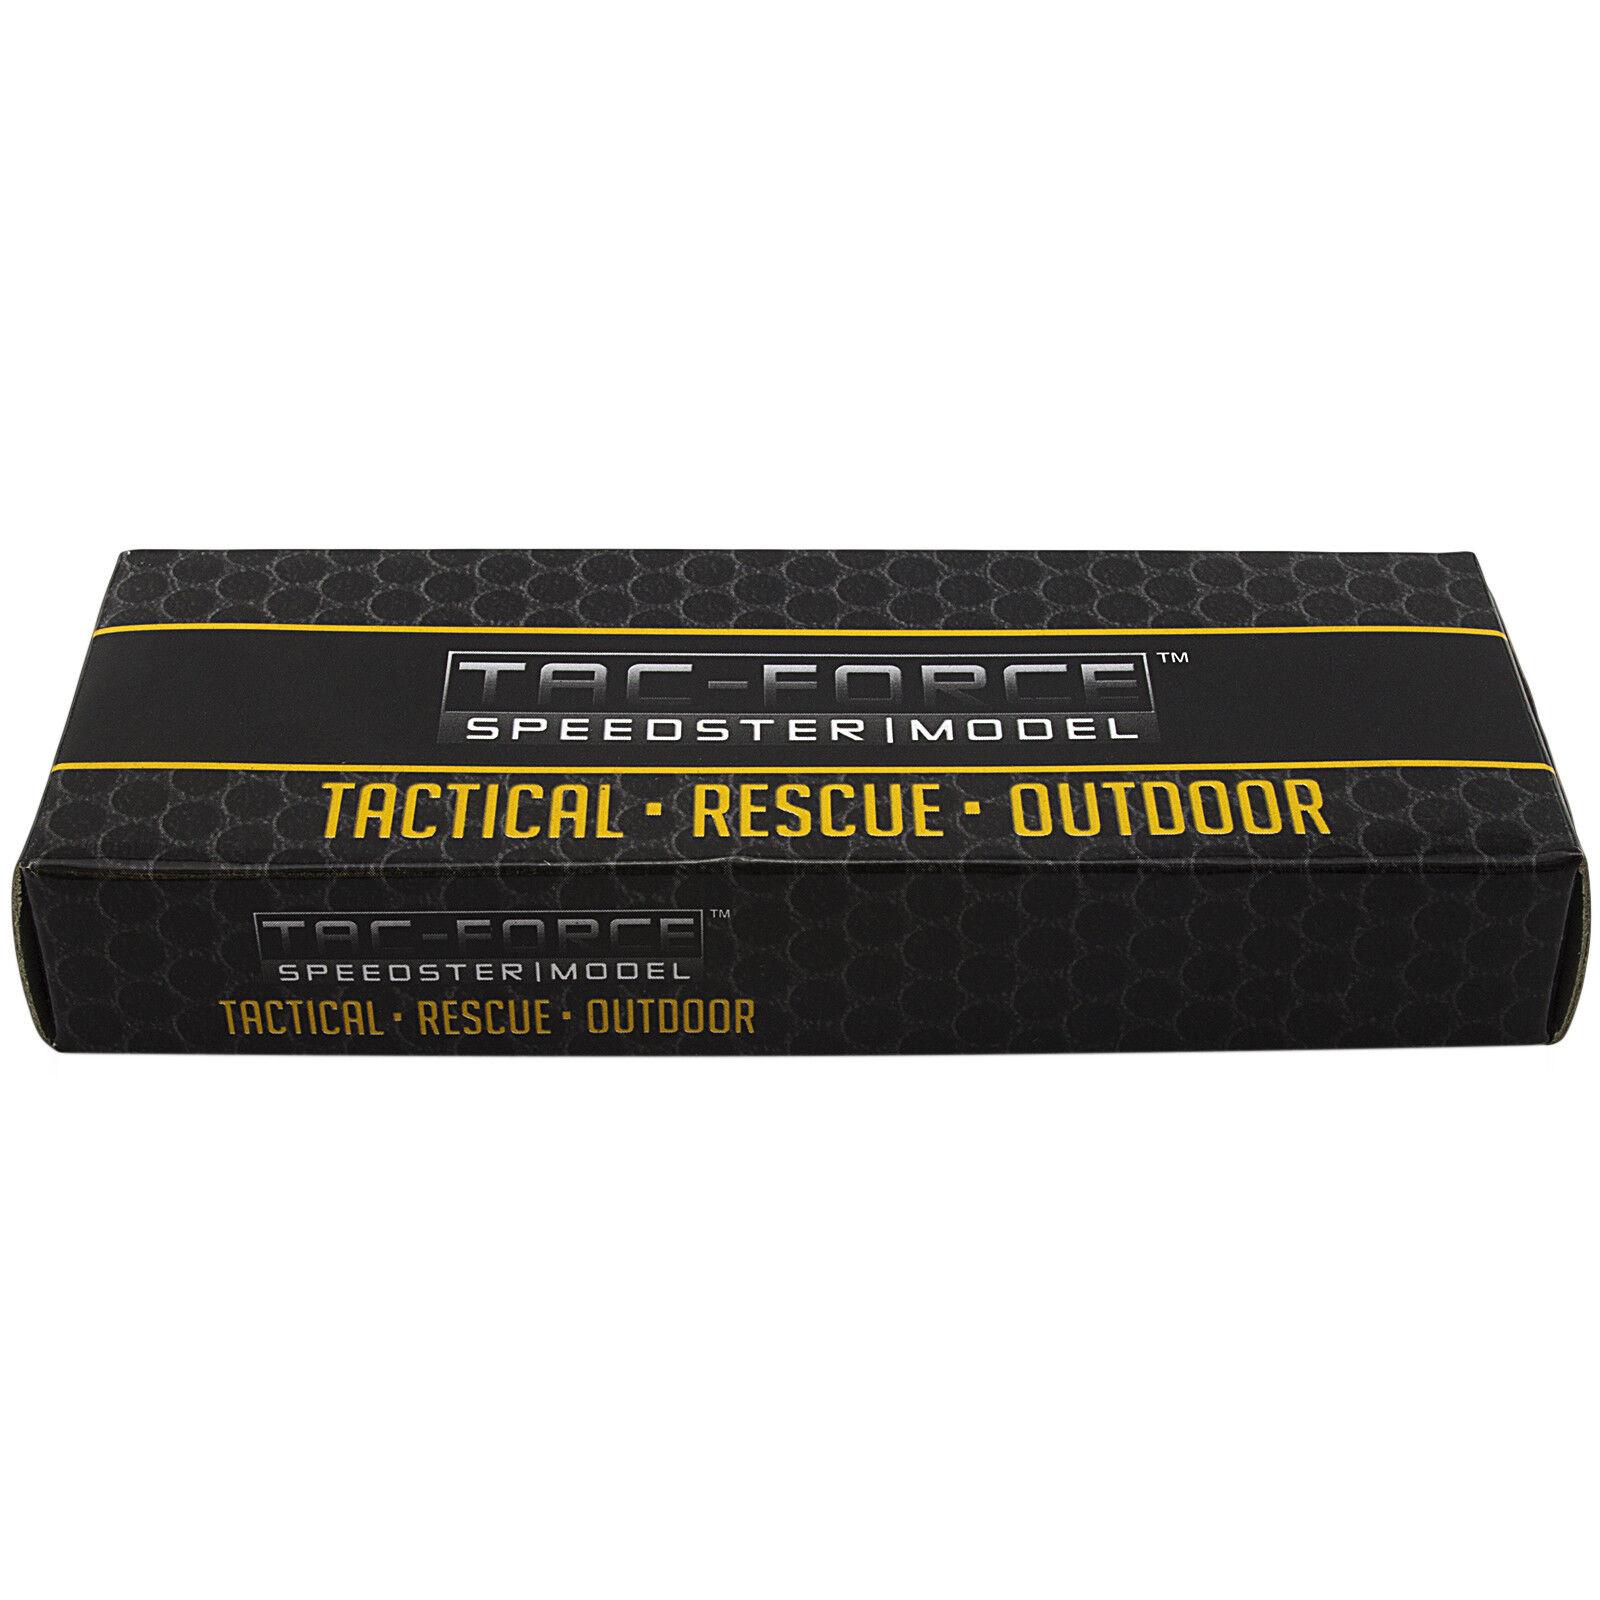 Купить Tac-Force - 6.5 TAC FORCE SPRING ASSISTED TACTICAL FOLDING POCKET KNIFE Blade Assist Open